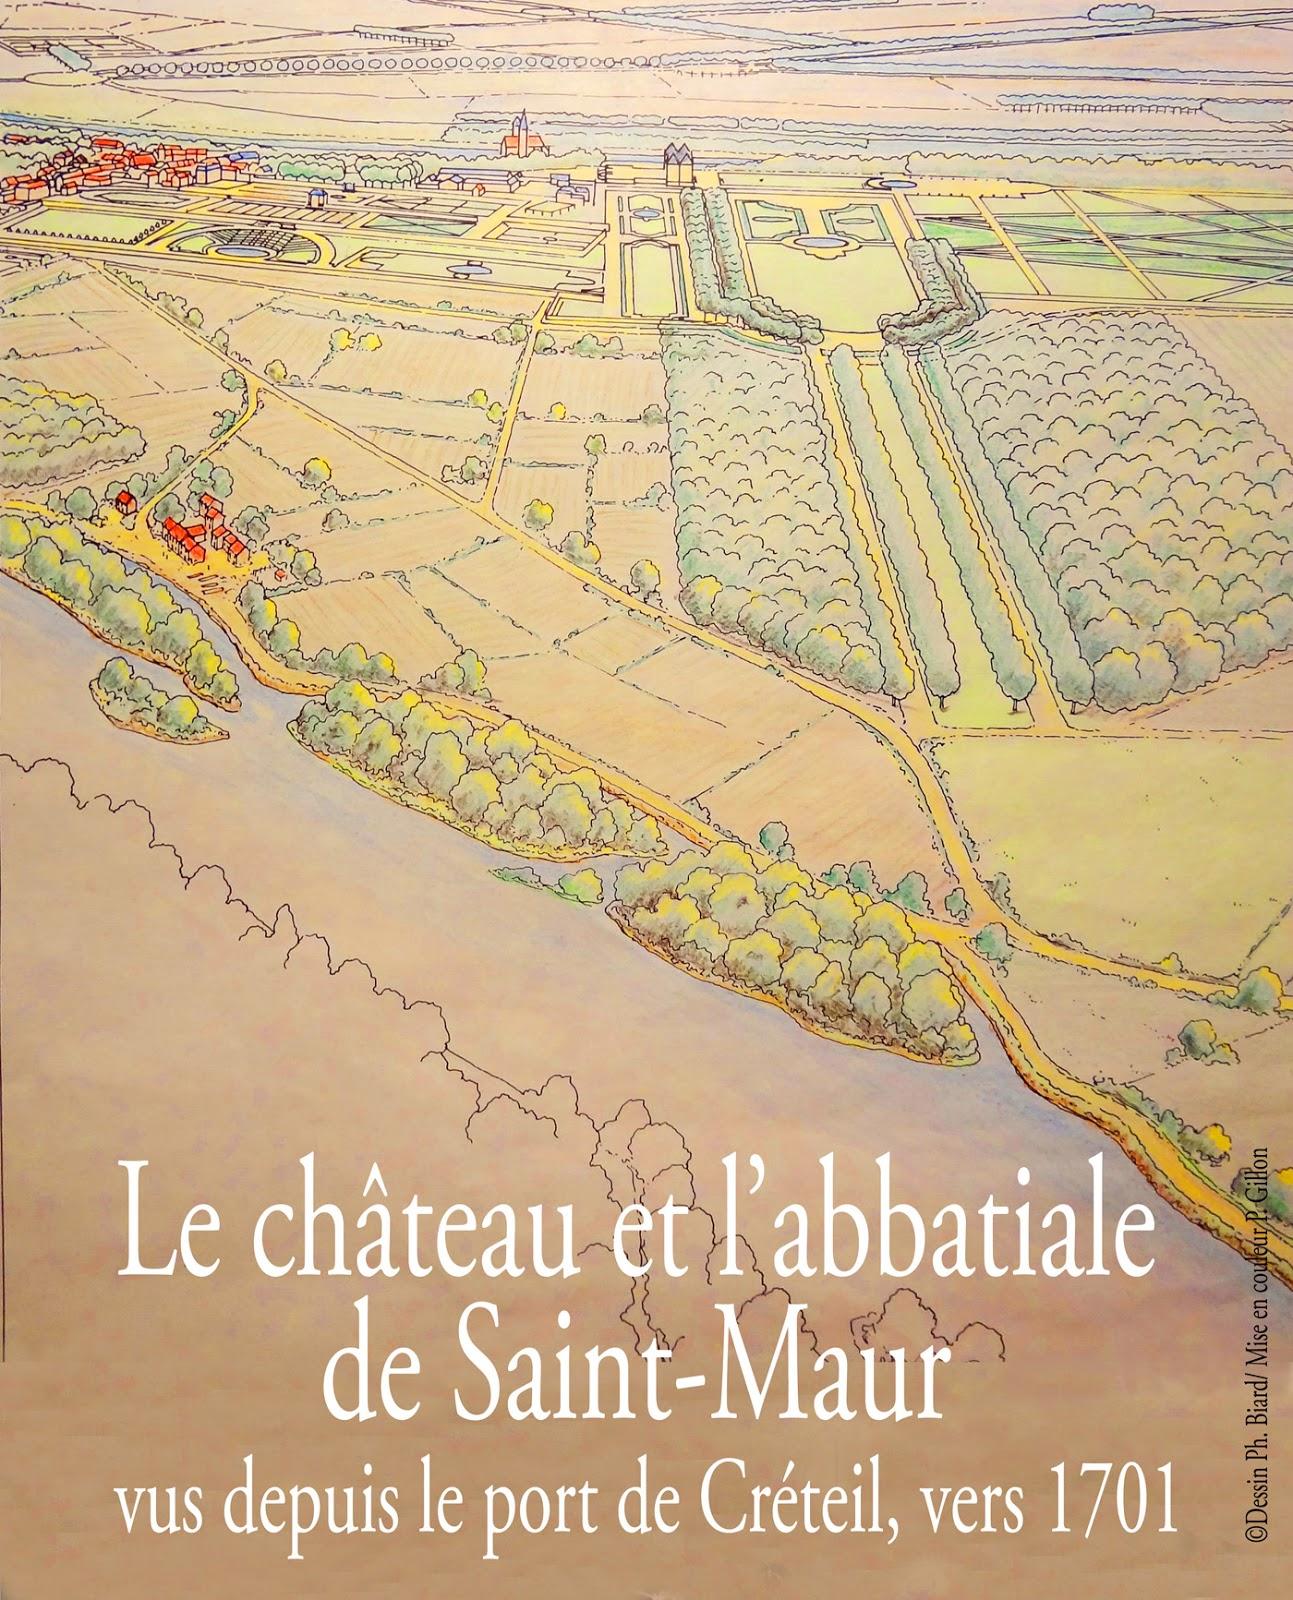 Images de l 39 histoire de saint maur for Comboulevard de creteil saint maur